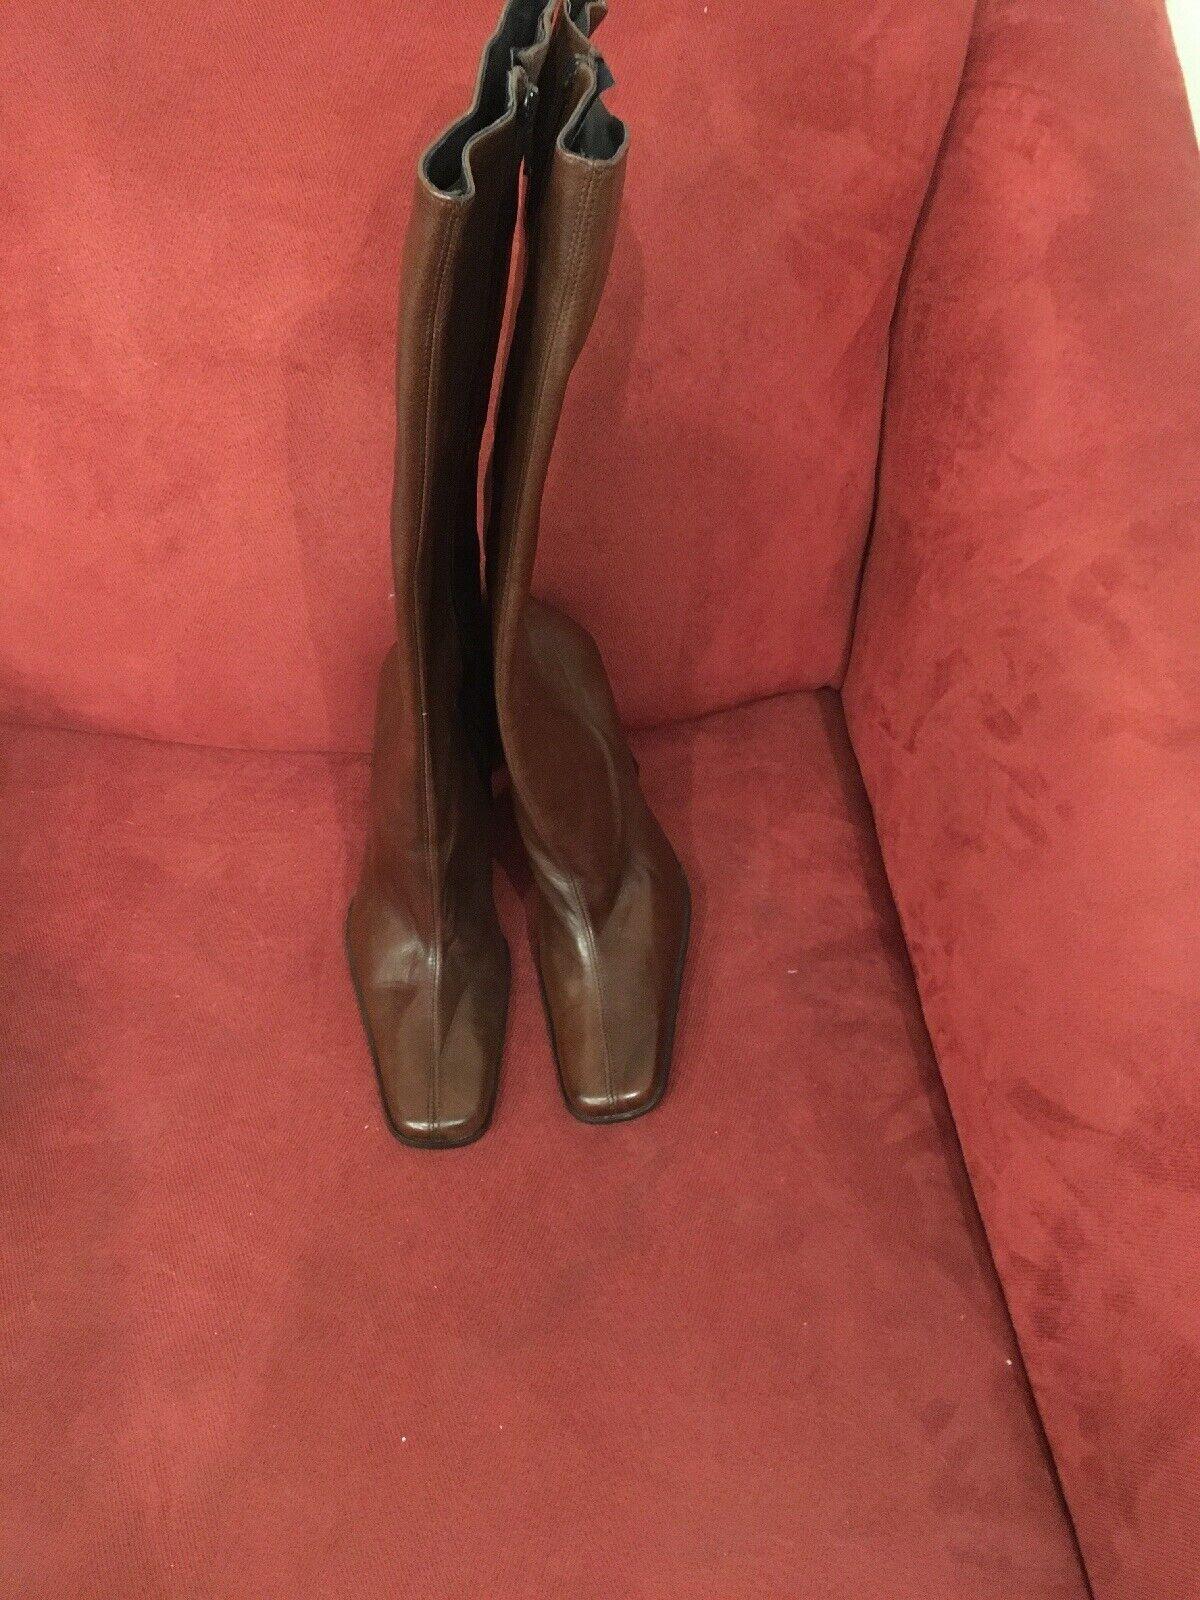 Bebe Mujer botas suela de cuero marrón de tamaño 7m hecho en España